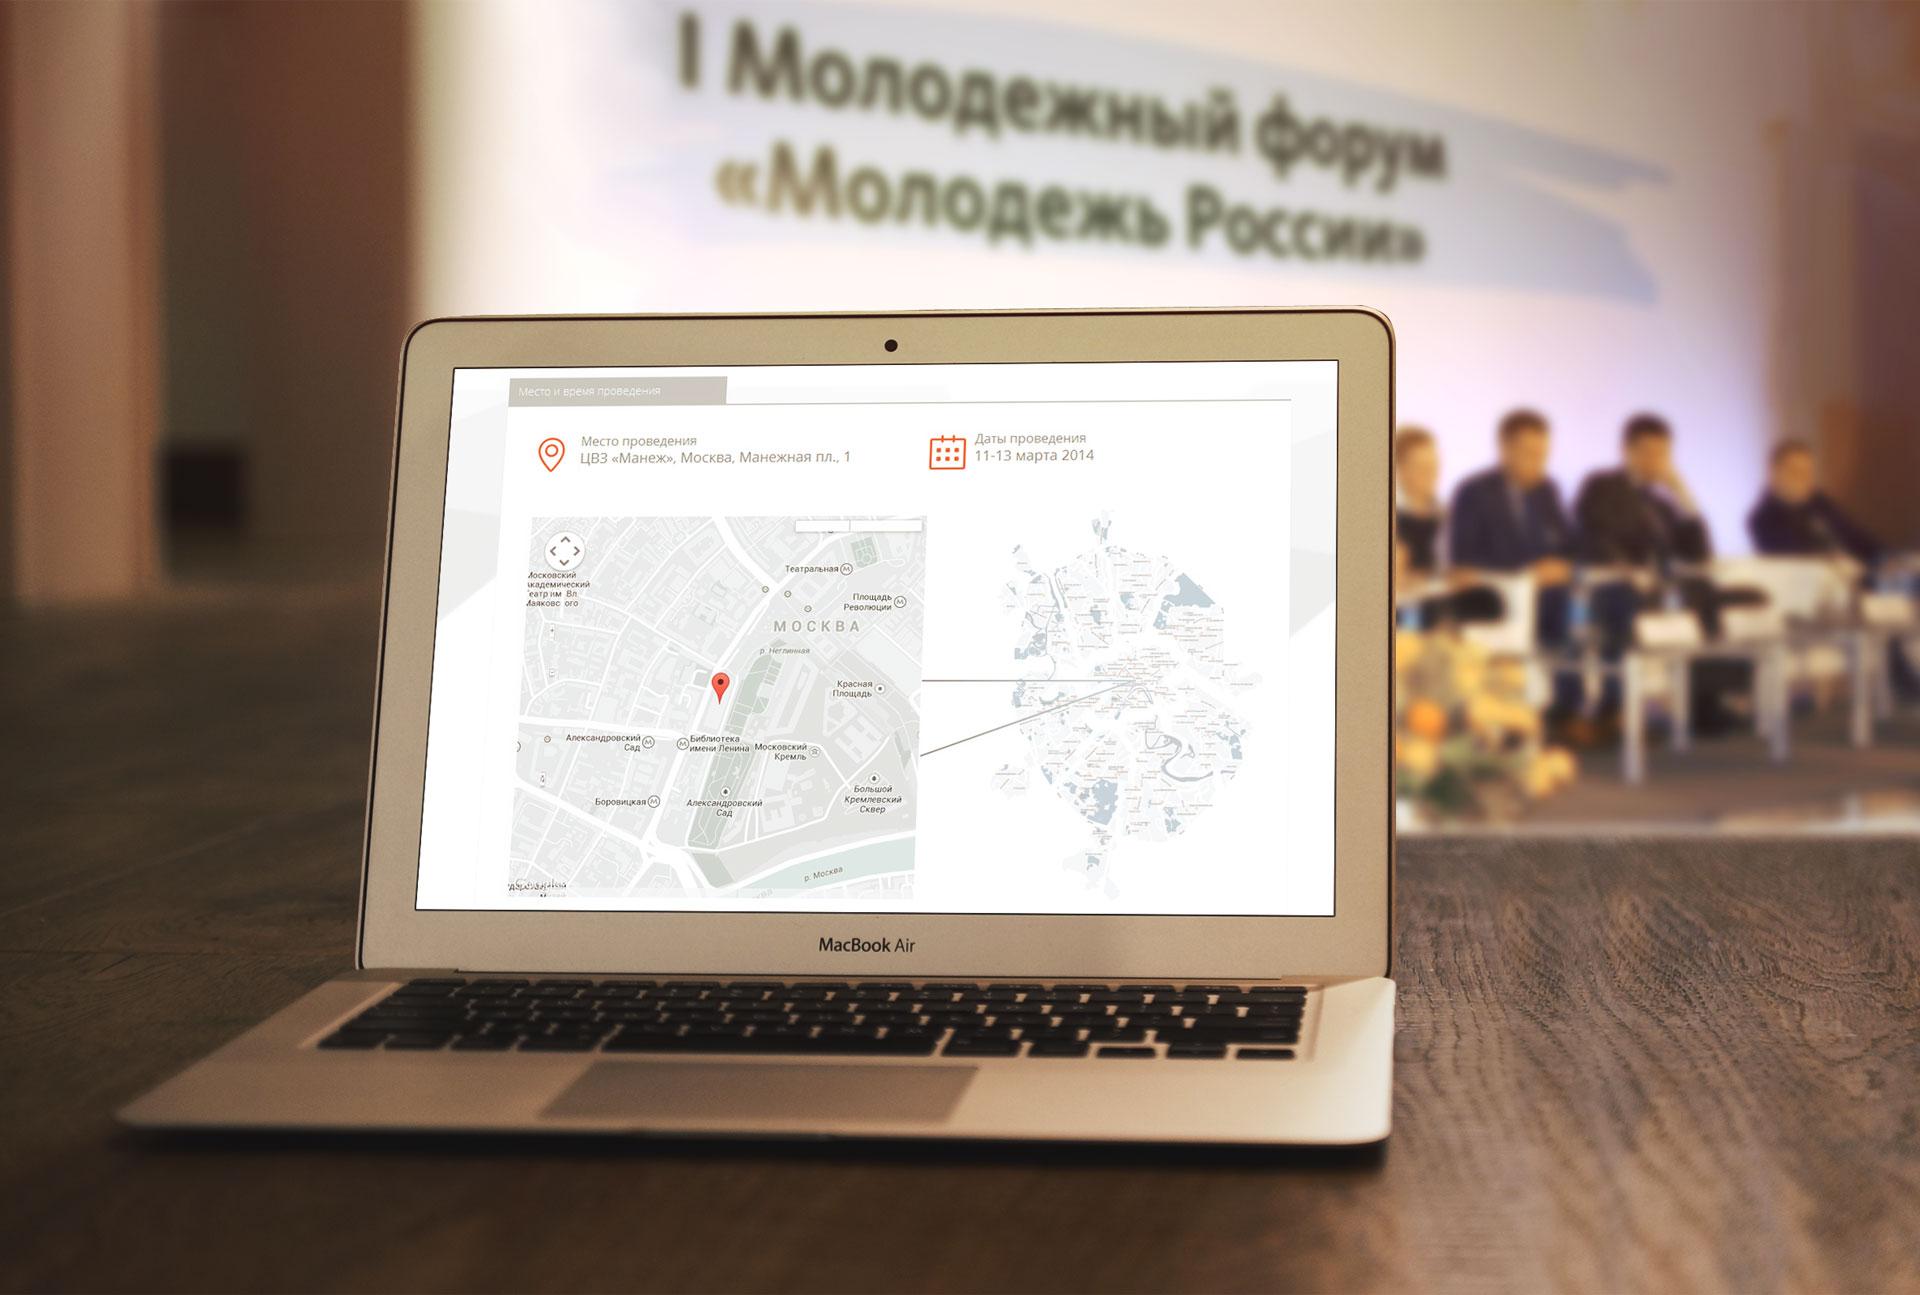 Дизайн-сайта-молодежного-форума-РосМолЭкспо